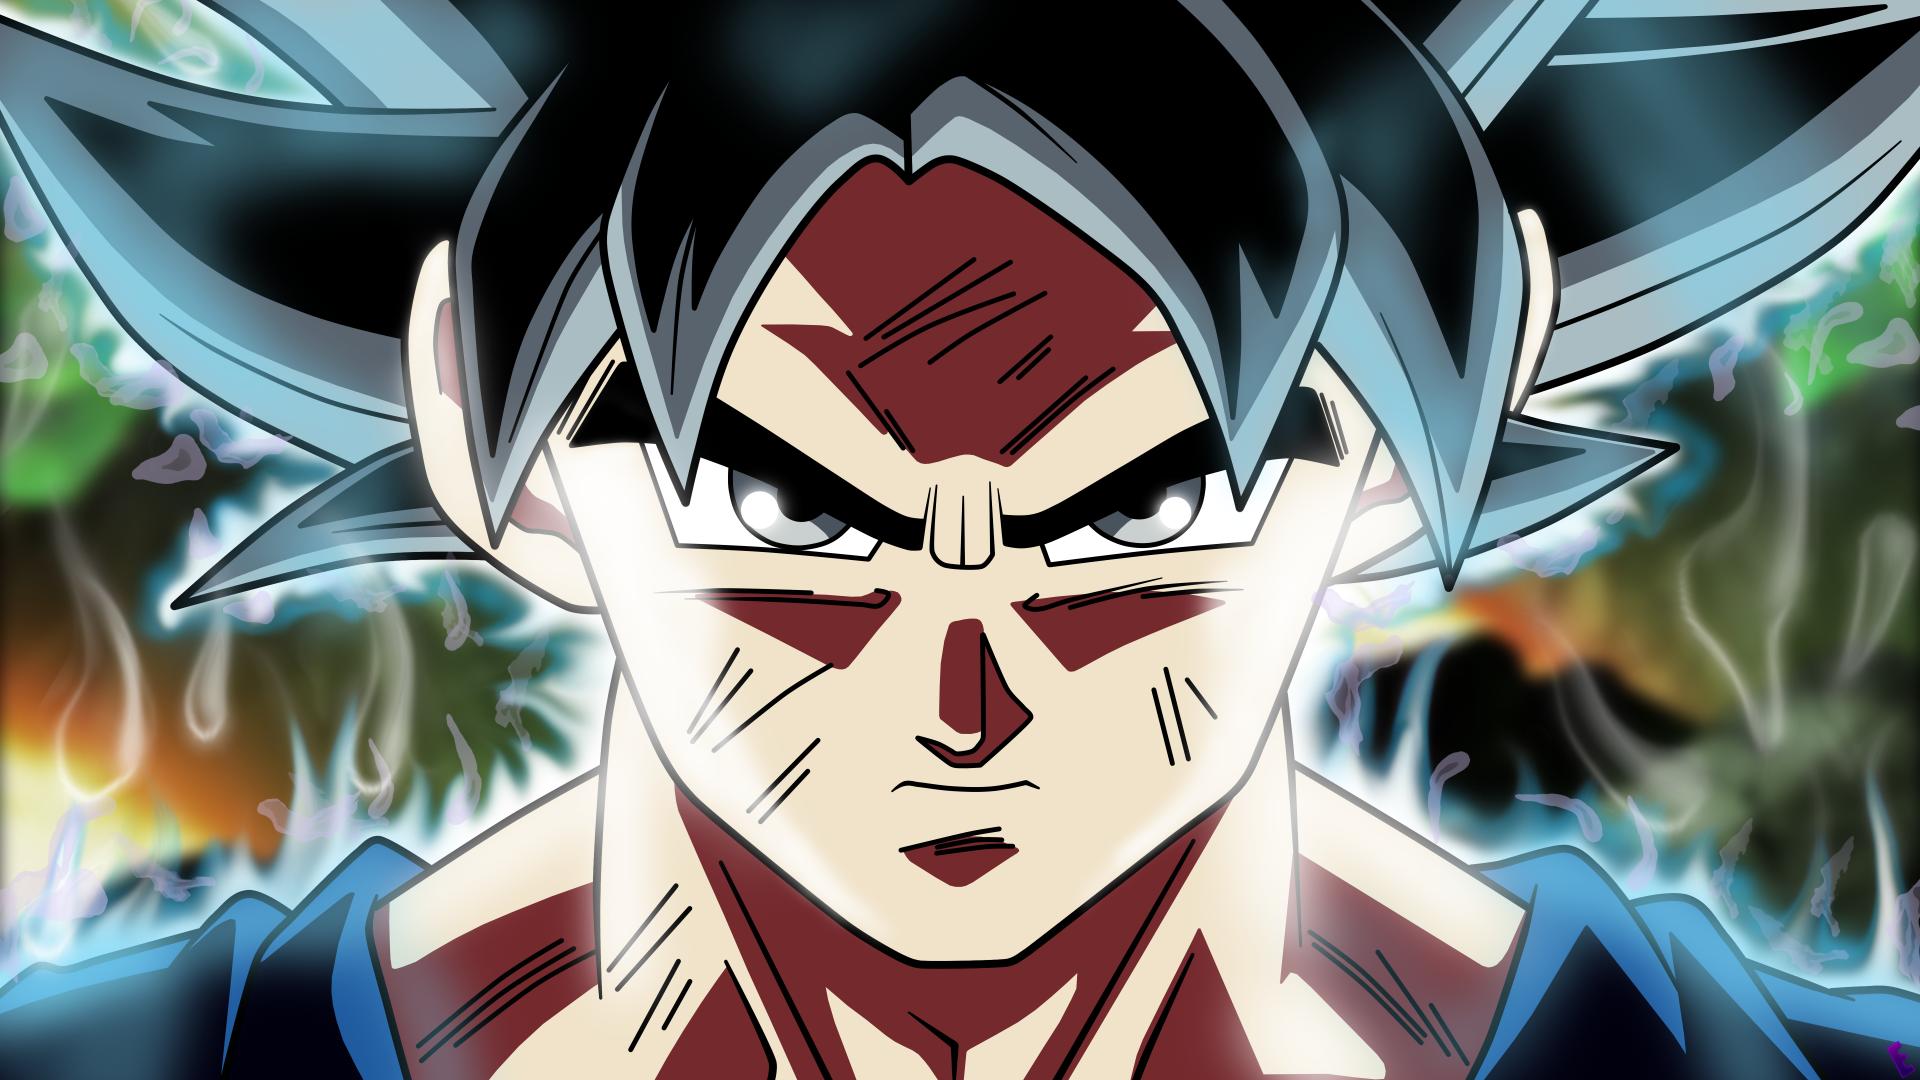 Goku Ultra Instinto Fondos De Pantalla Wallpaper: Goku Ultra Instinto 5k Retina Ultra Fondo De Pantalla HD